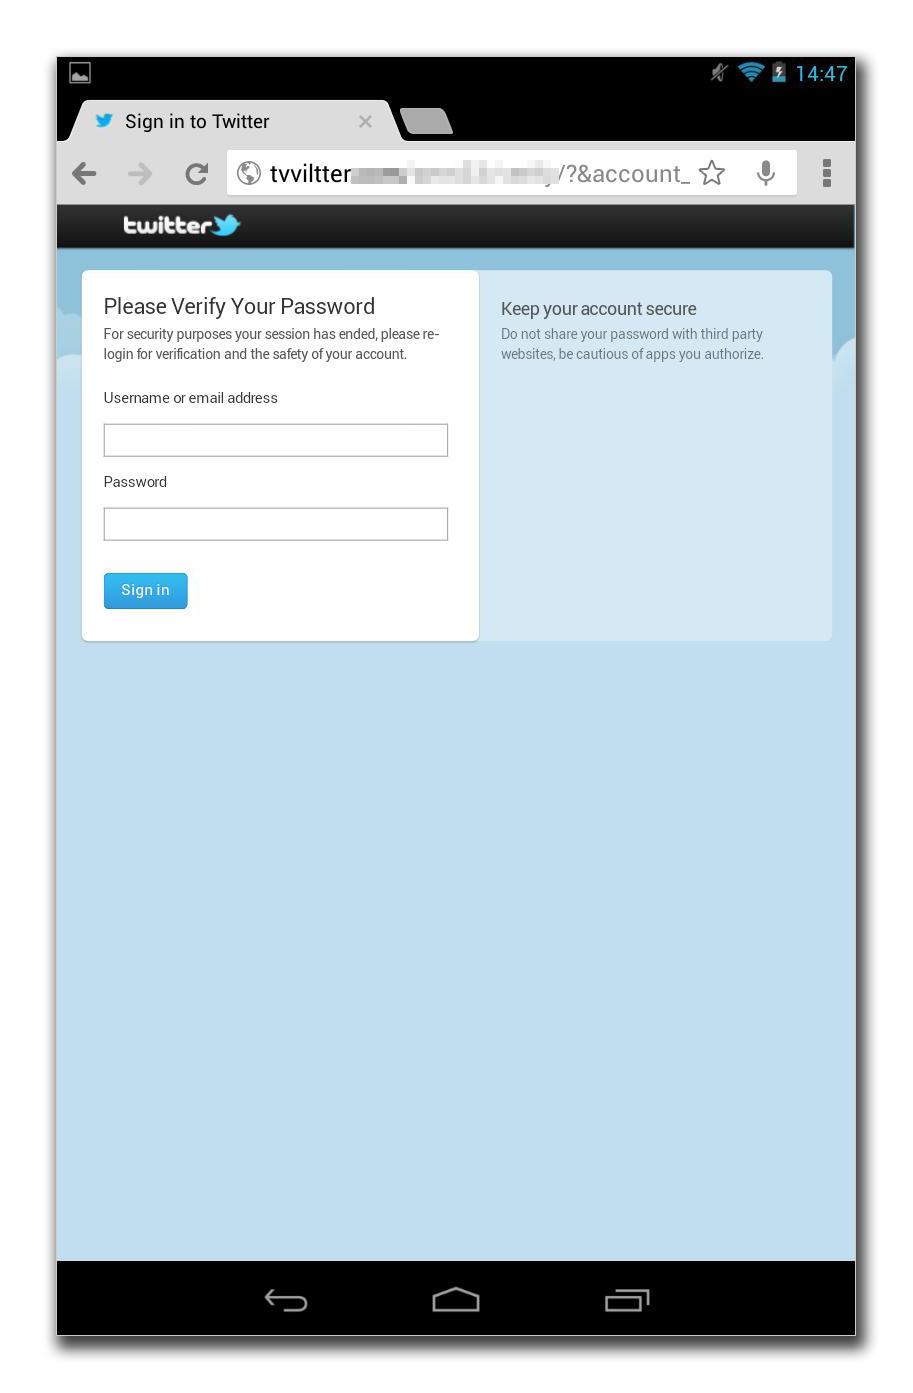 図2:メッセージのリンクから誘導される Web サイトの例